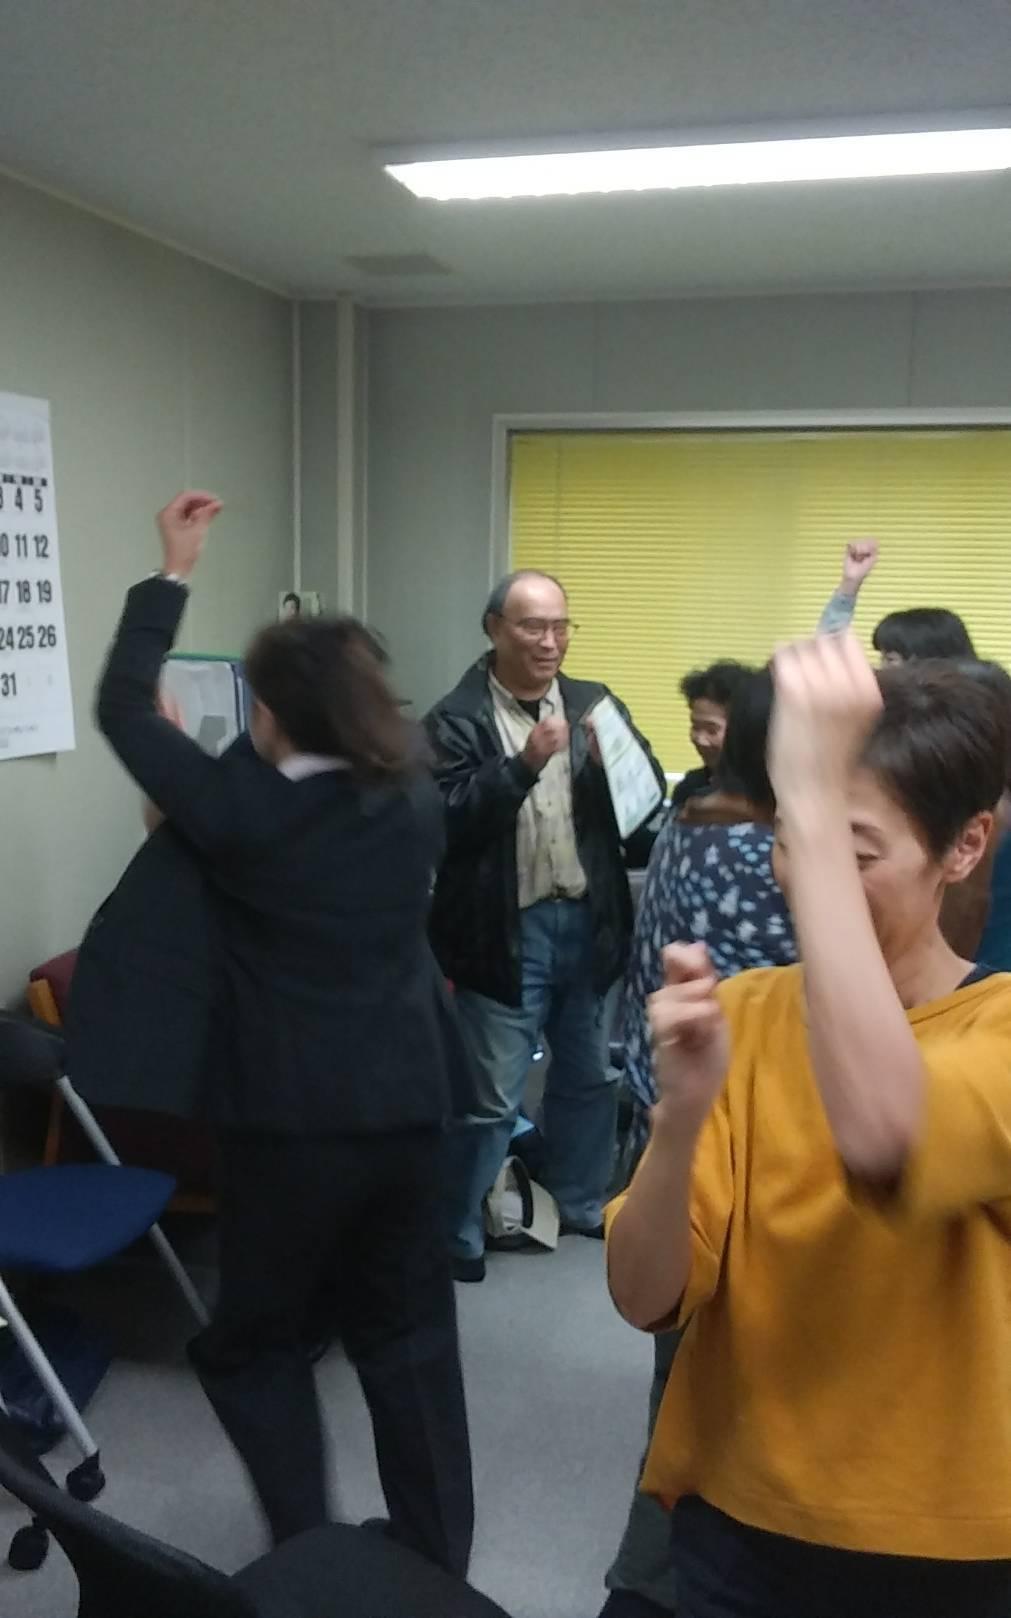 第2回公開健口(けんこう)教室を開催しました_e0415908_13304269.jpg